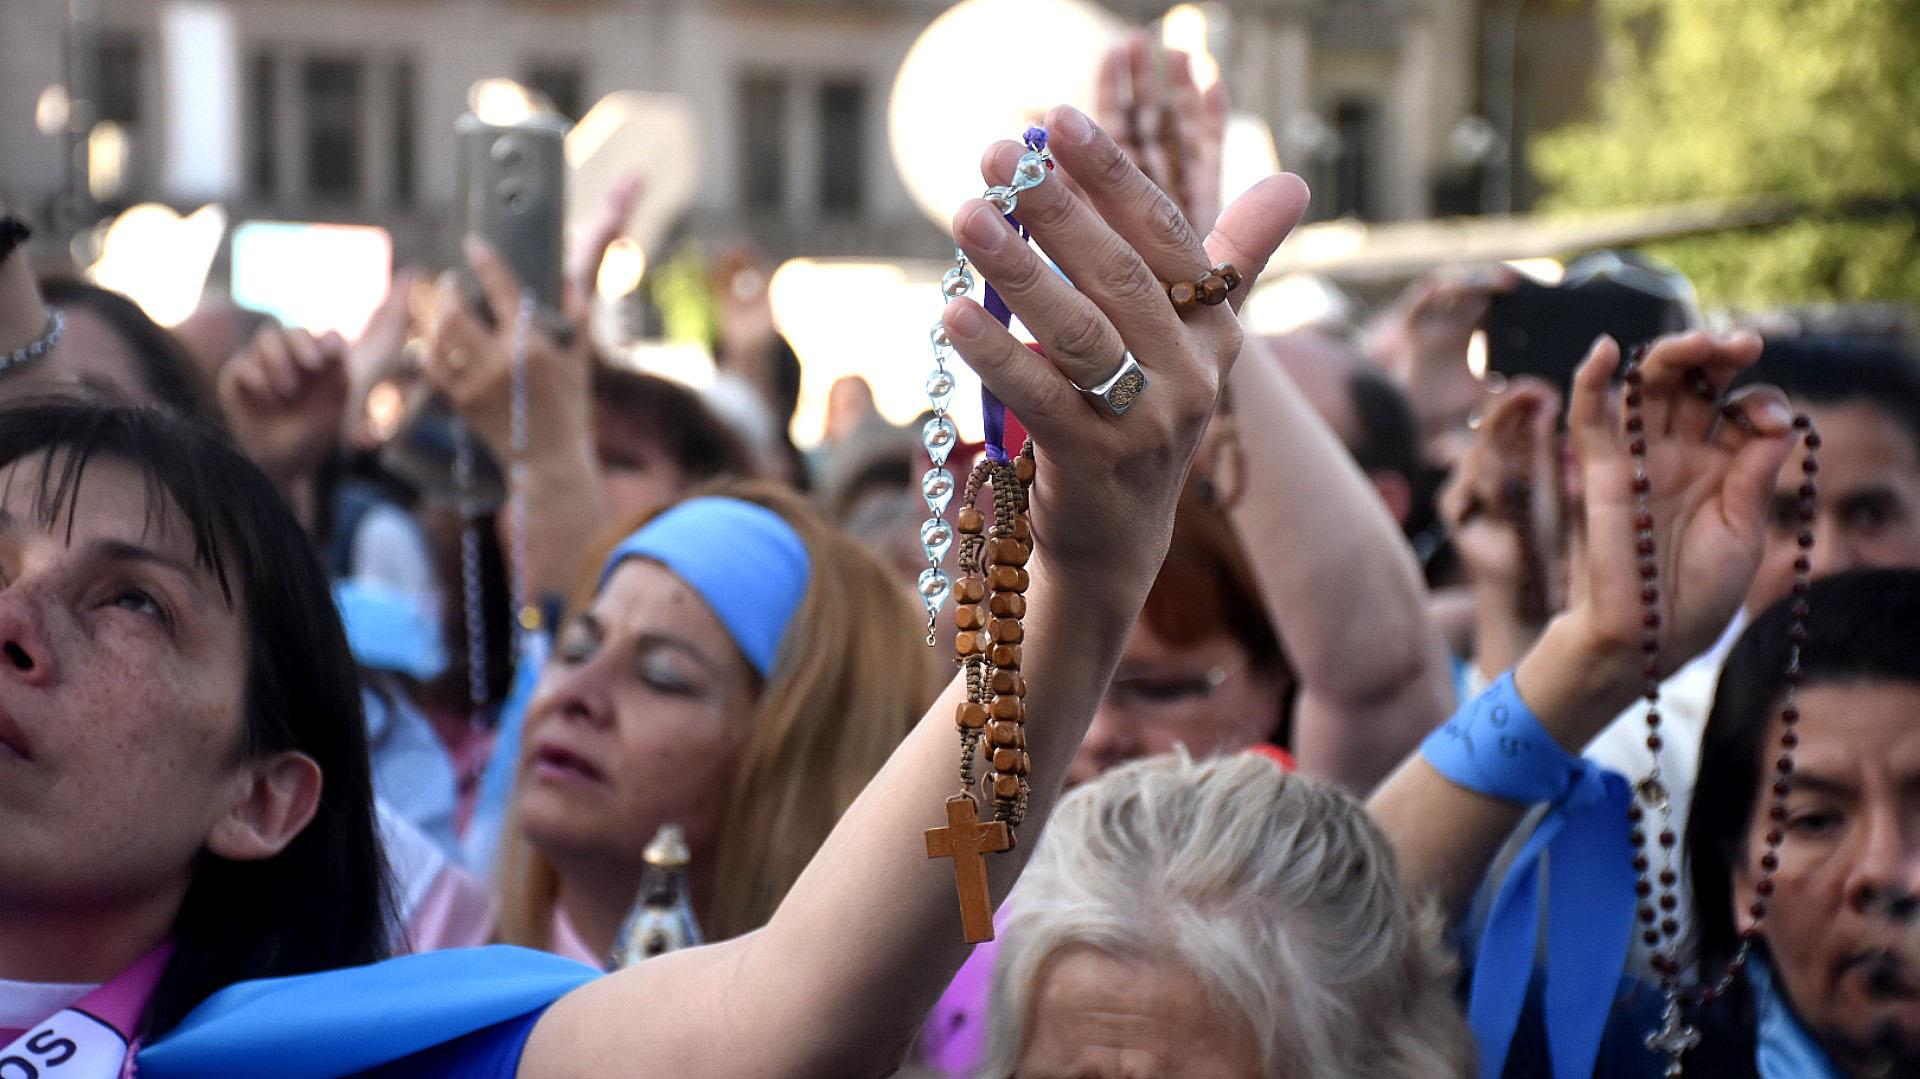 Hubo banderas argentinas, rosarios eimágenes religiosas